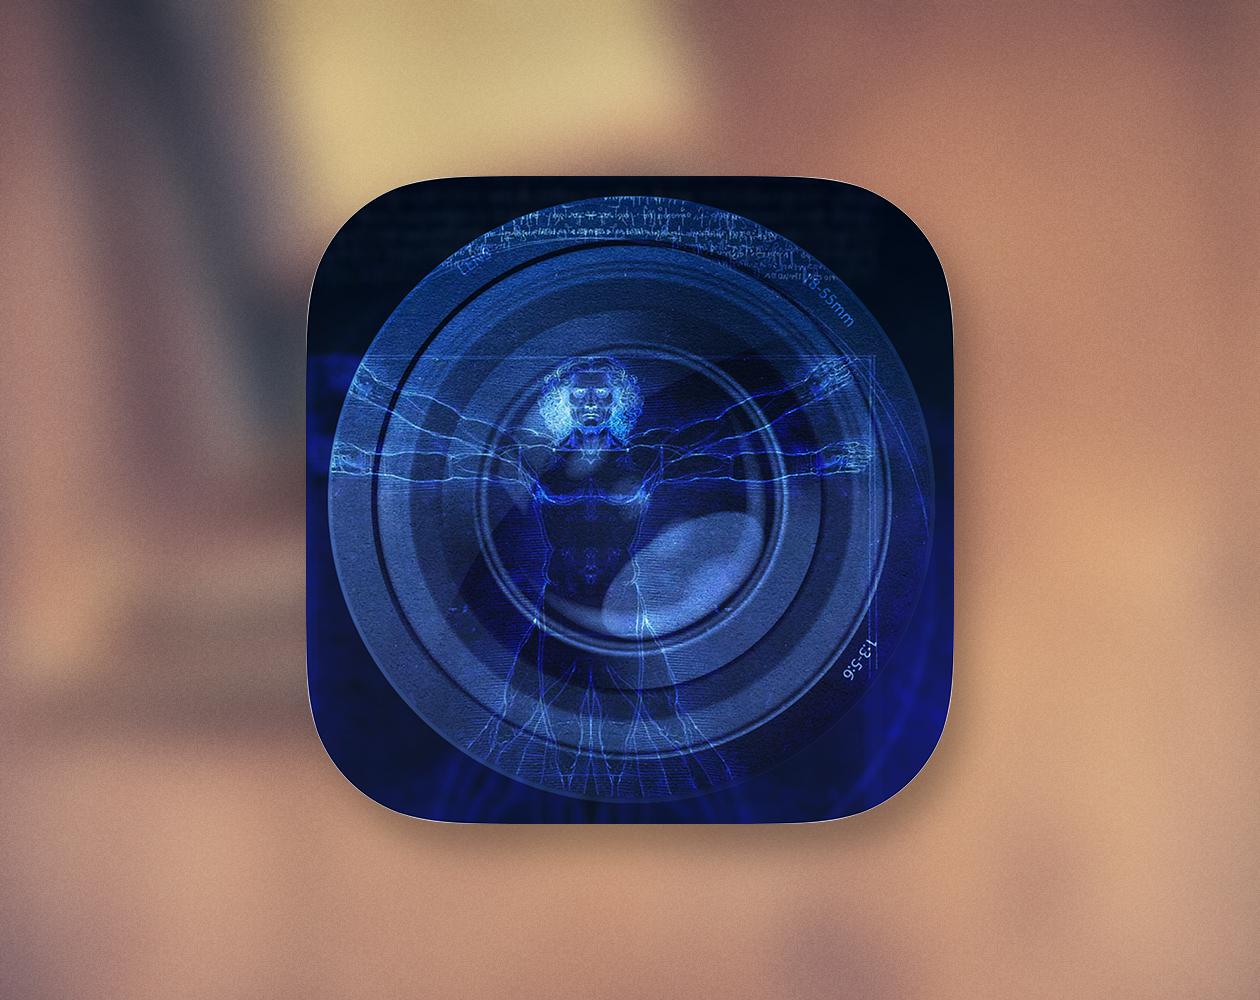 Stay Focused для iOS позволит снять идеальные фотографии